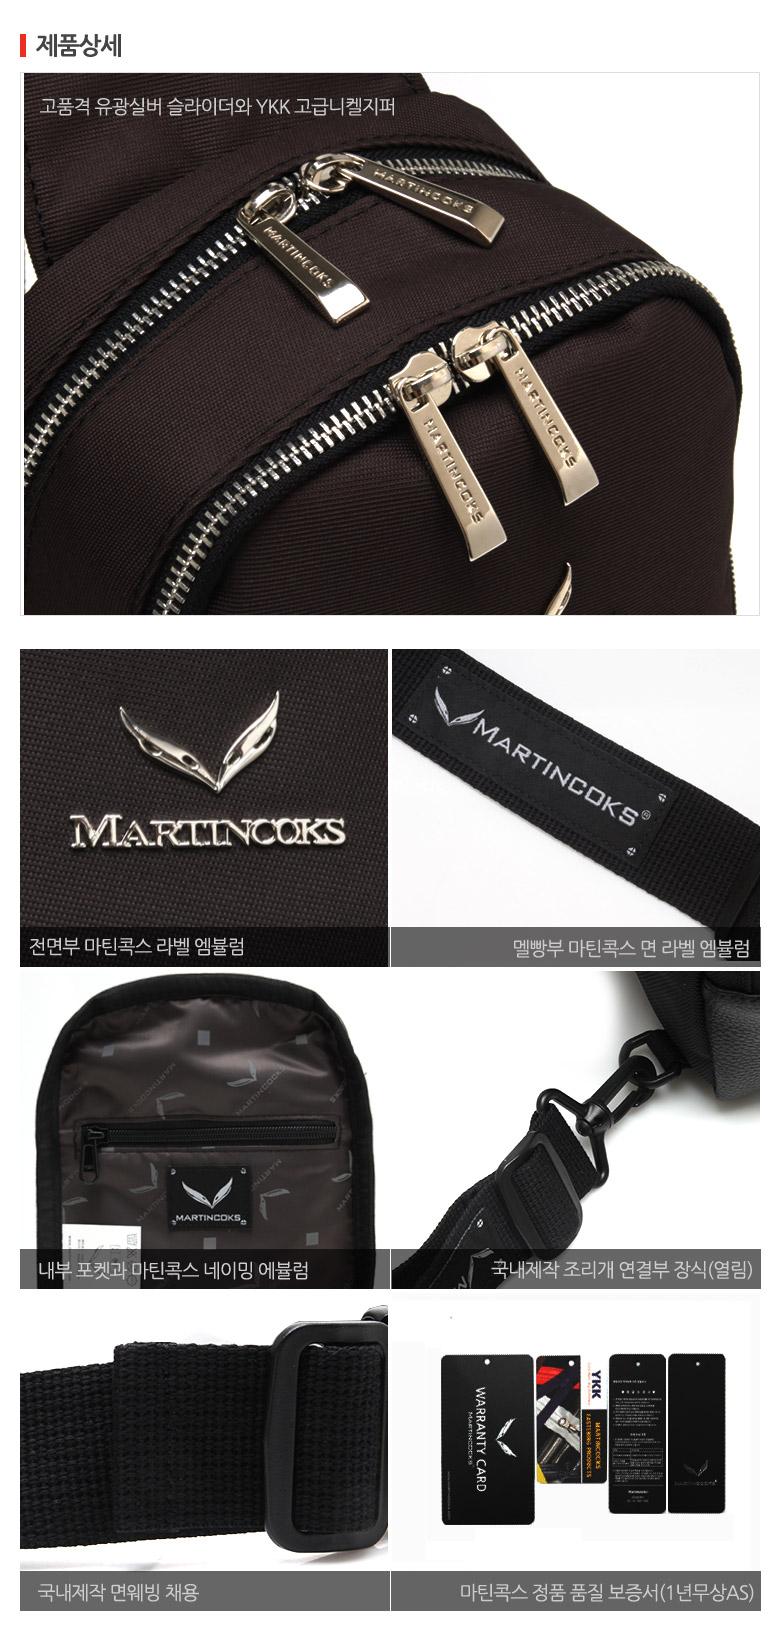 마틴콕스(MARTINCOKS) 어틀리스 웨이스트백 [초코] UTS-ST-CHOCO